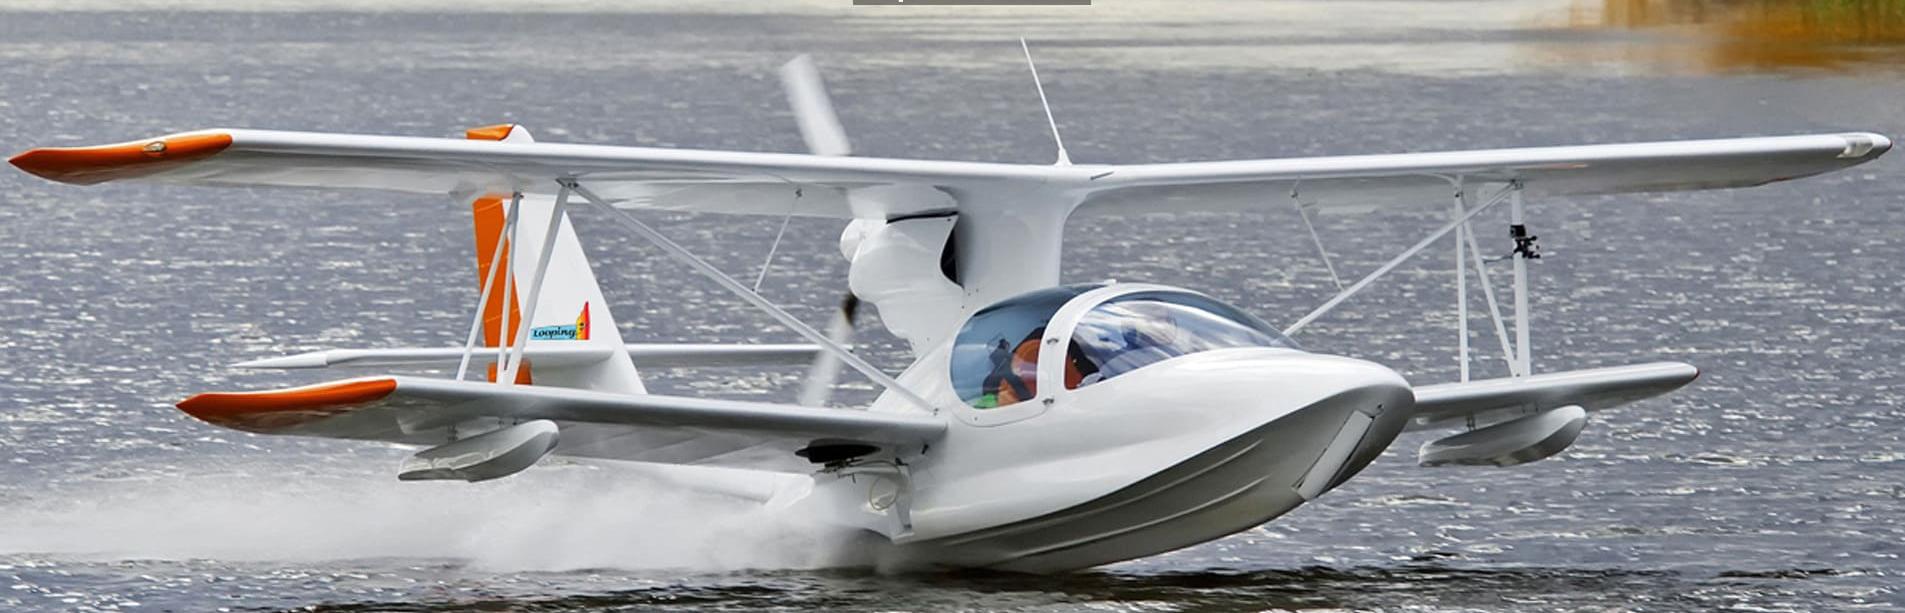 loopingaviacao-curso-de-piloto-recreativo